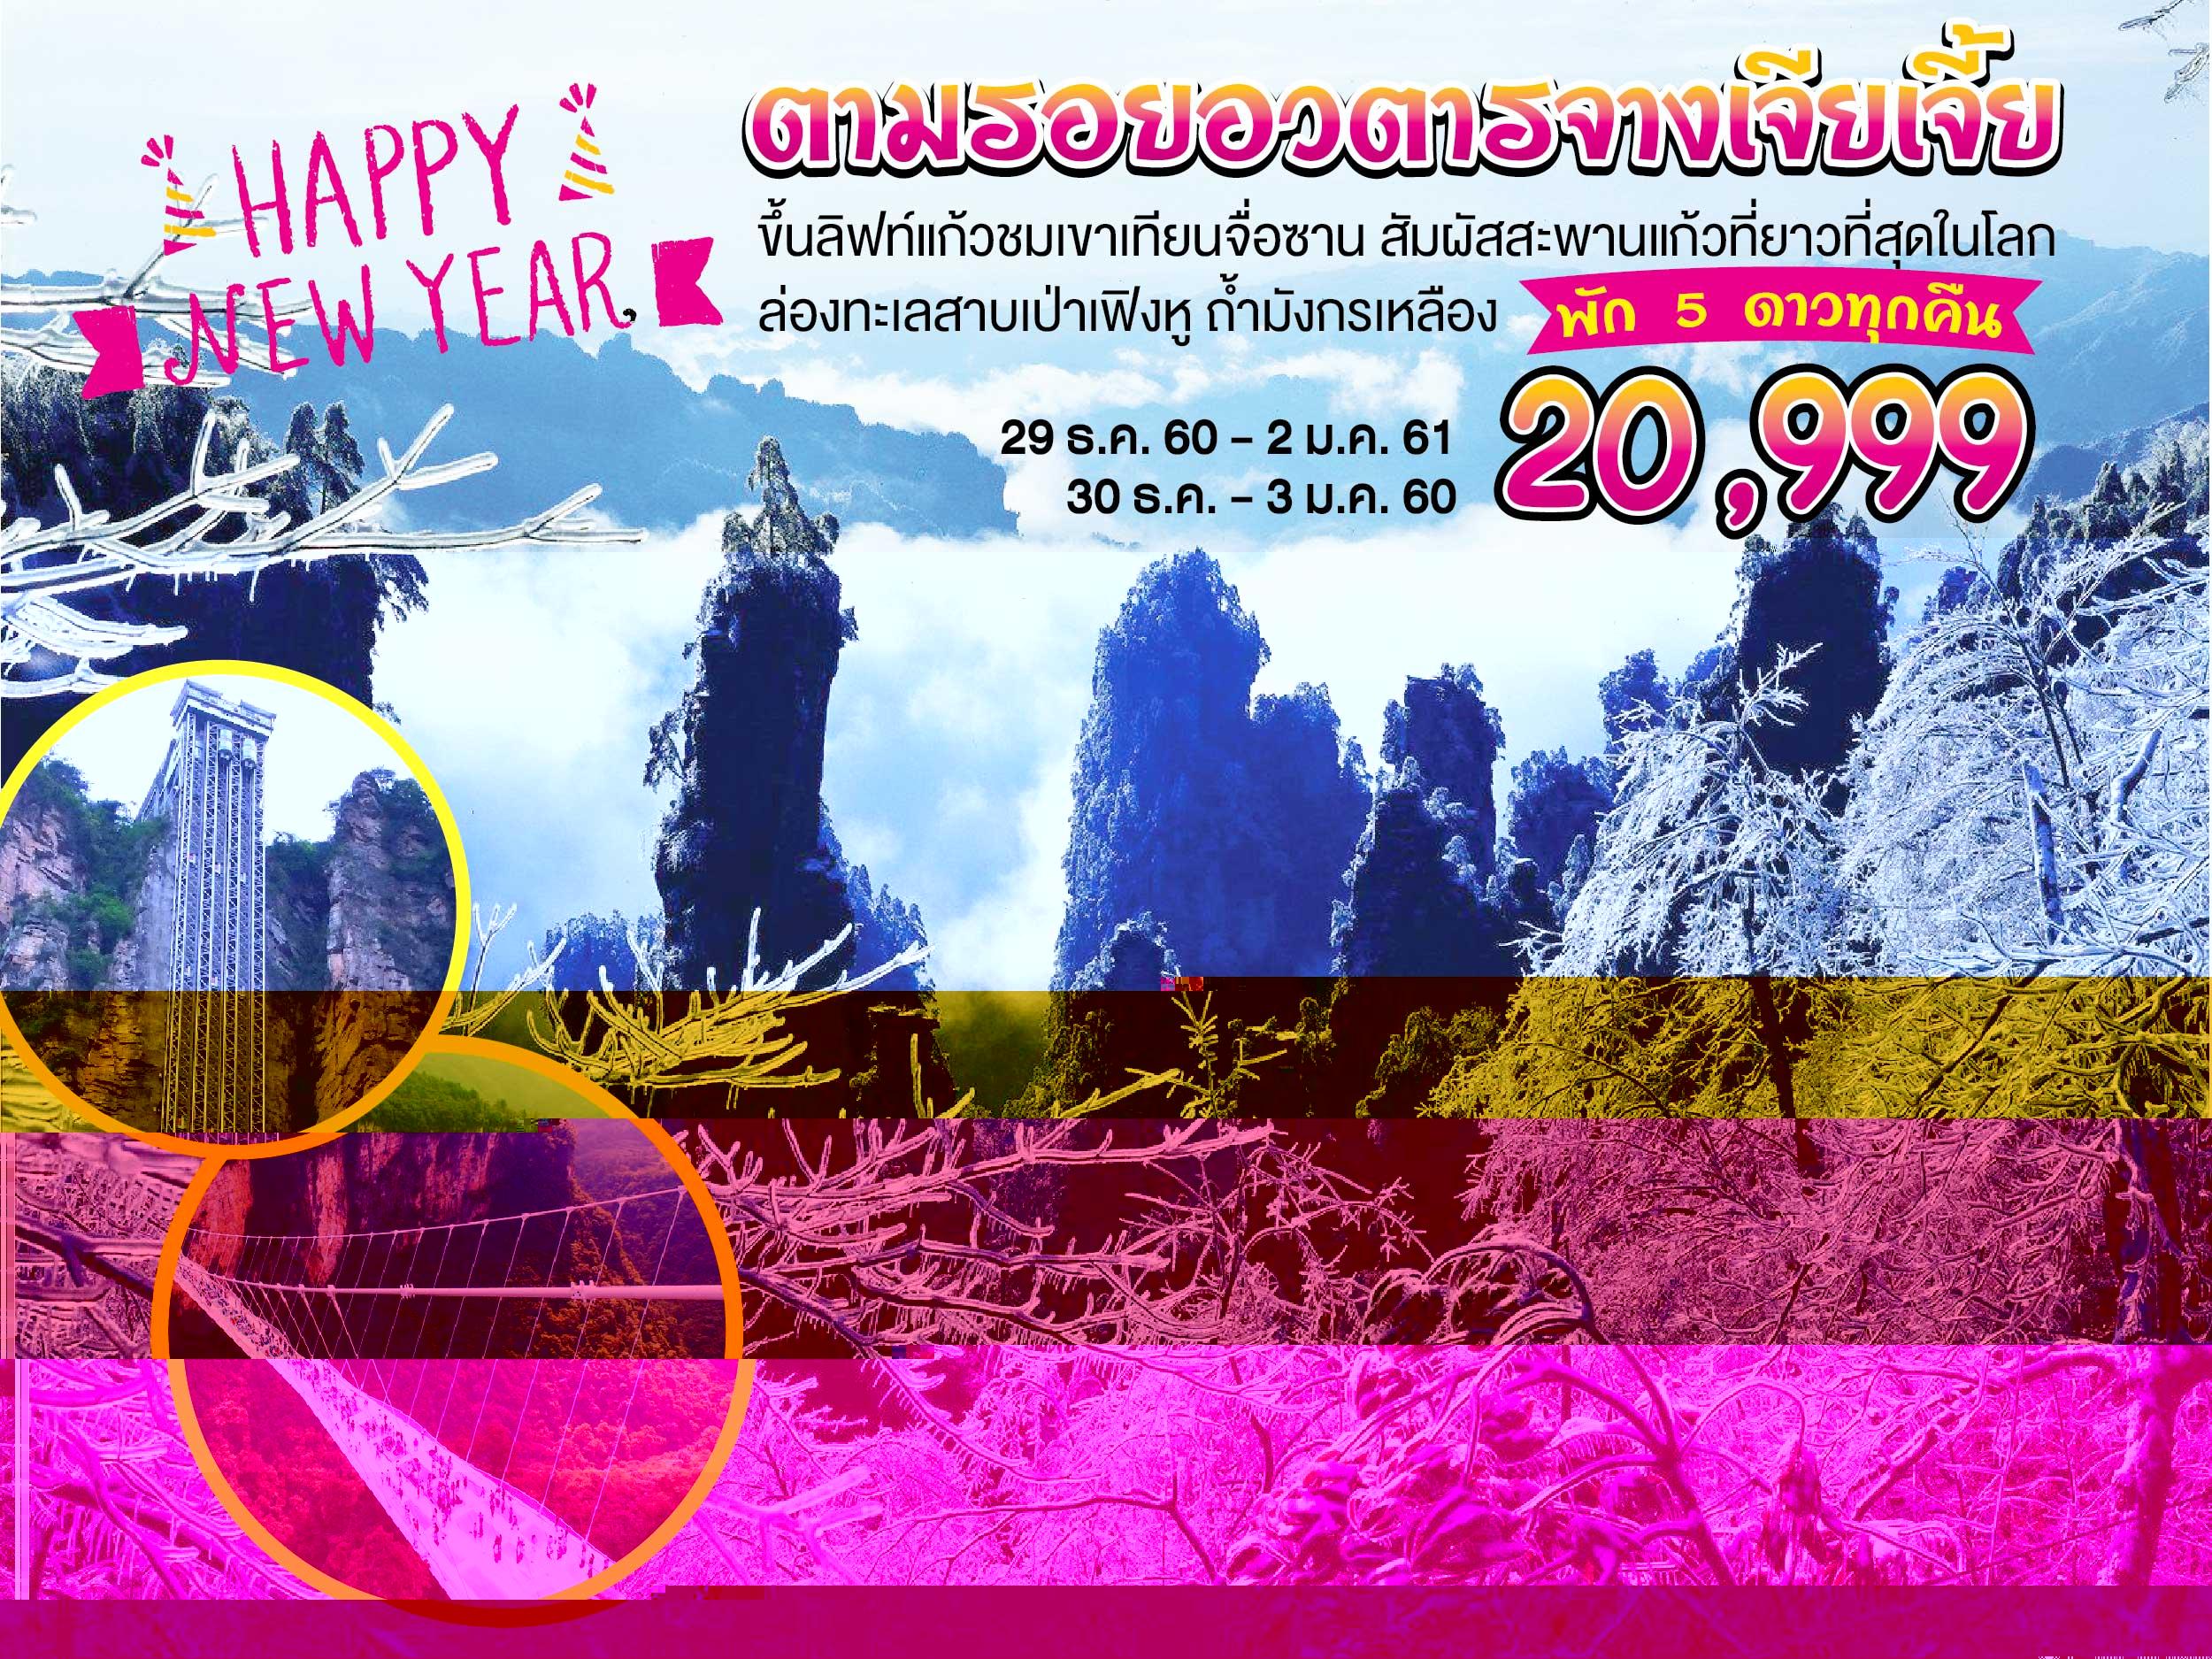 ต้อนรับปีใหม่ 2561 ตามรอยอวตารจางเจียเจี้ย 5 วัน 4 คืน